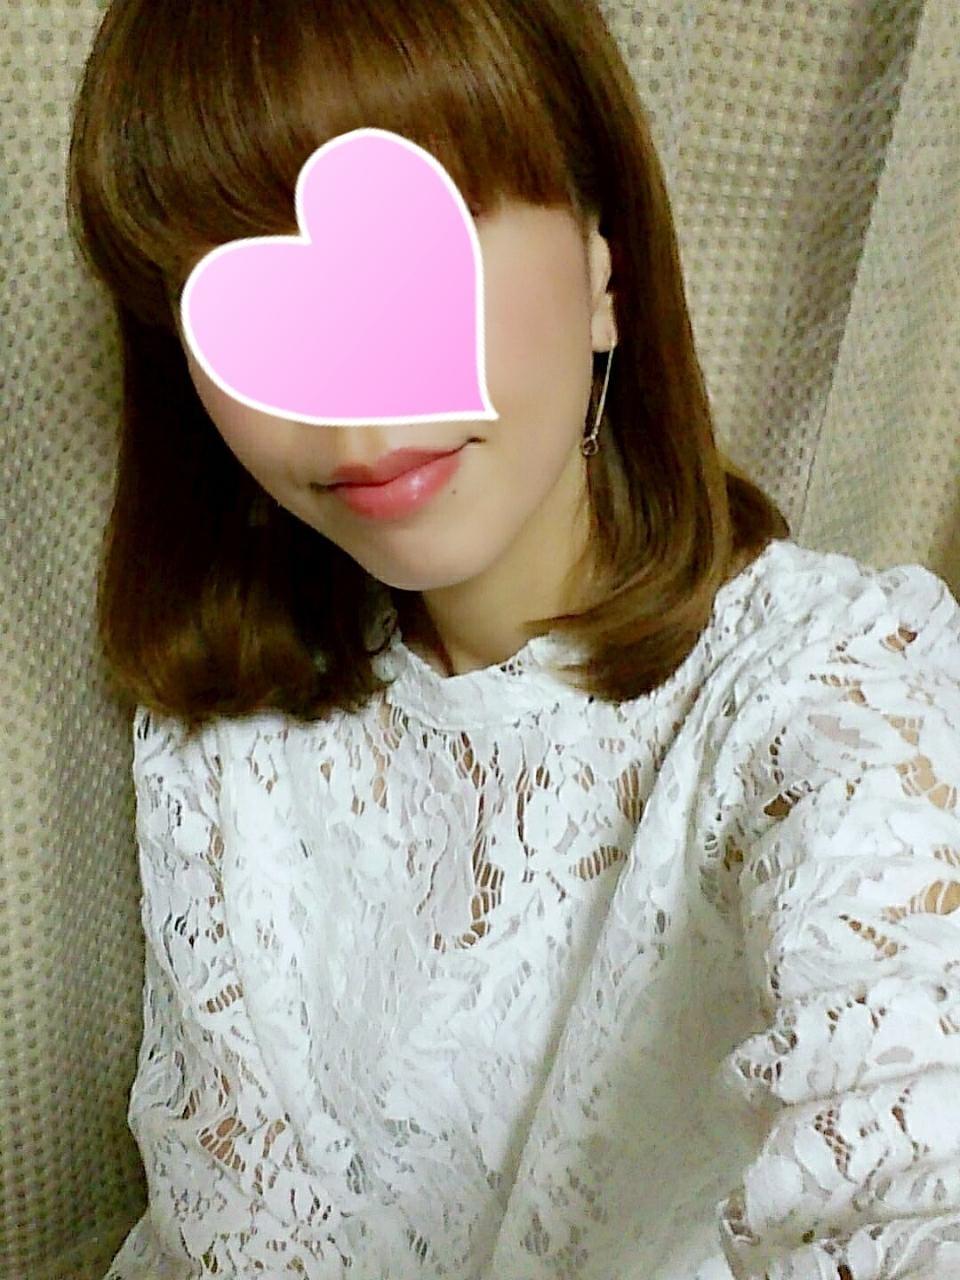 「おはようございます^_^」09/24(月) 08:30 | いちかの写メ・風俗動画